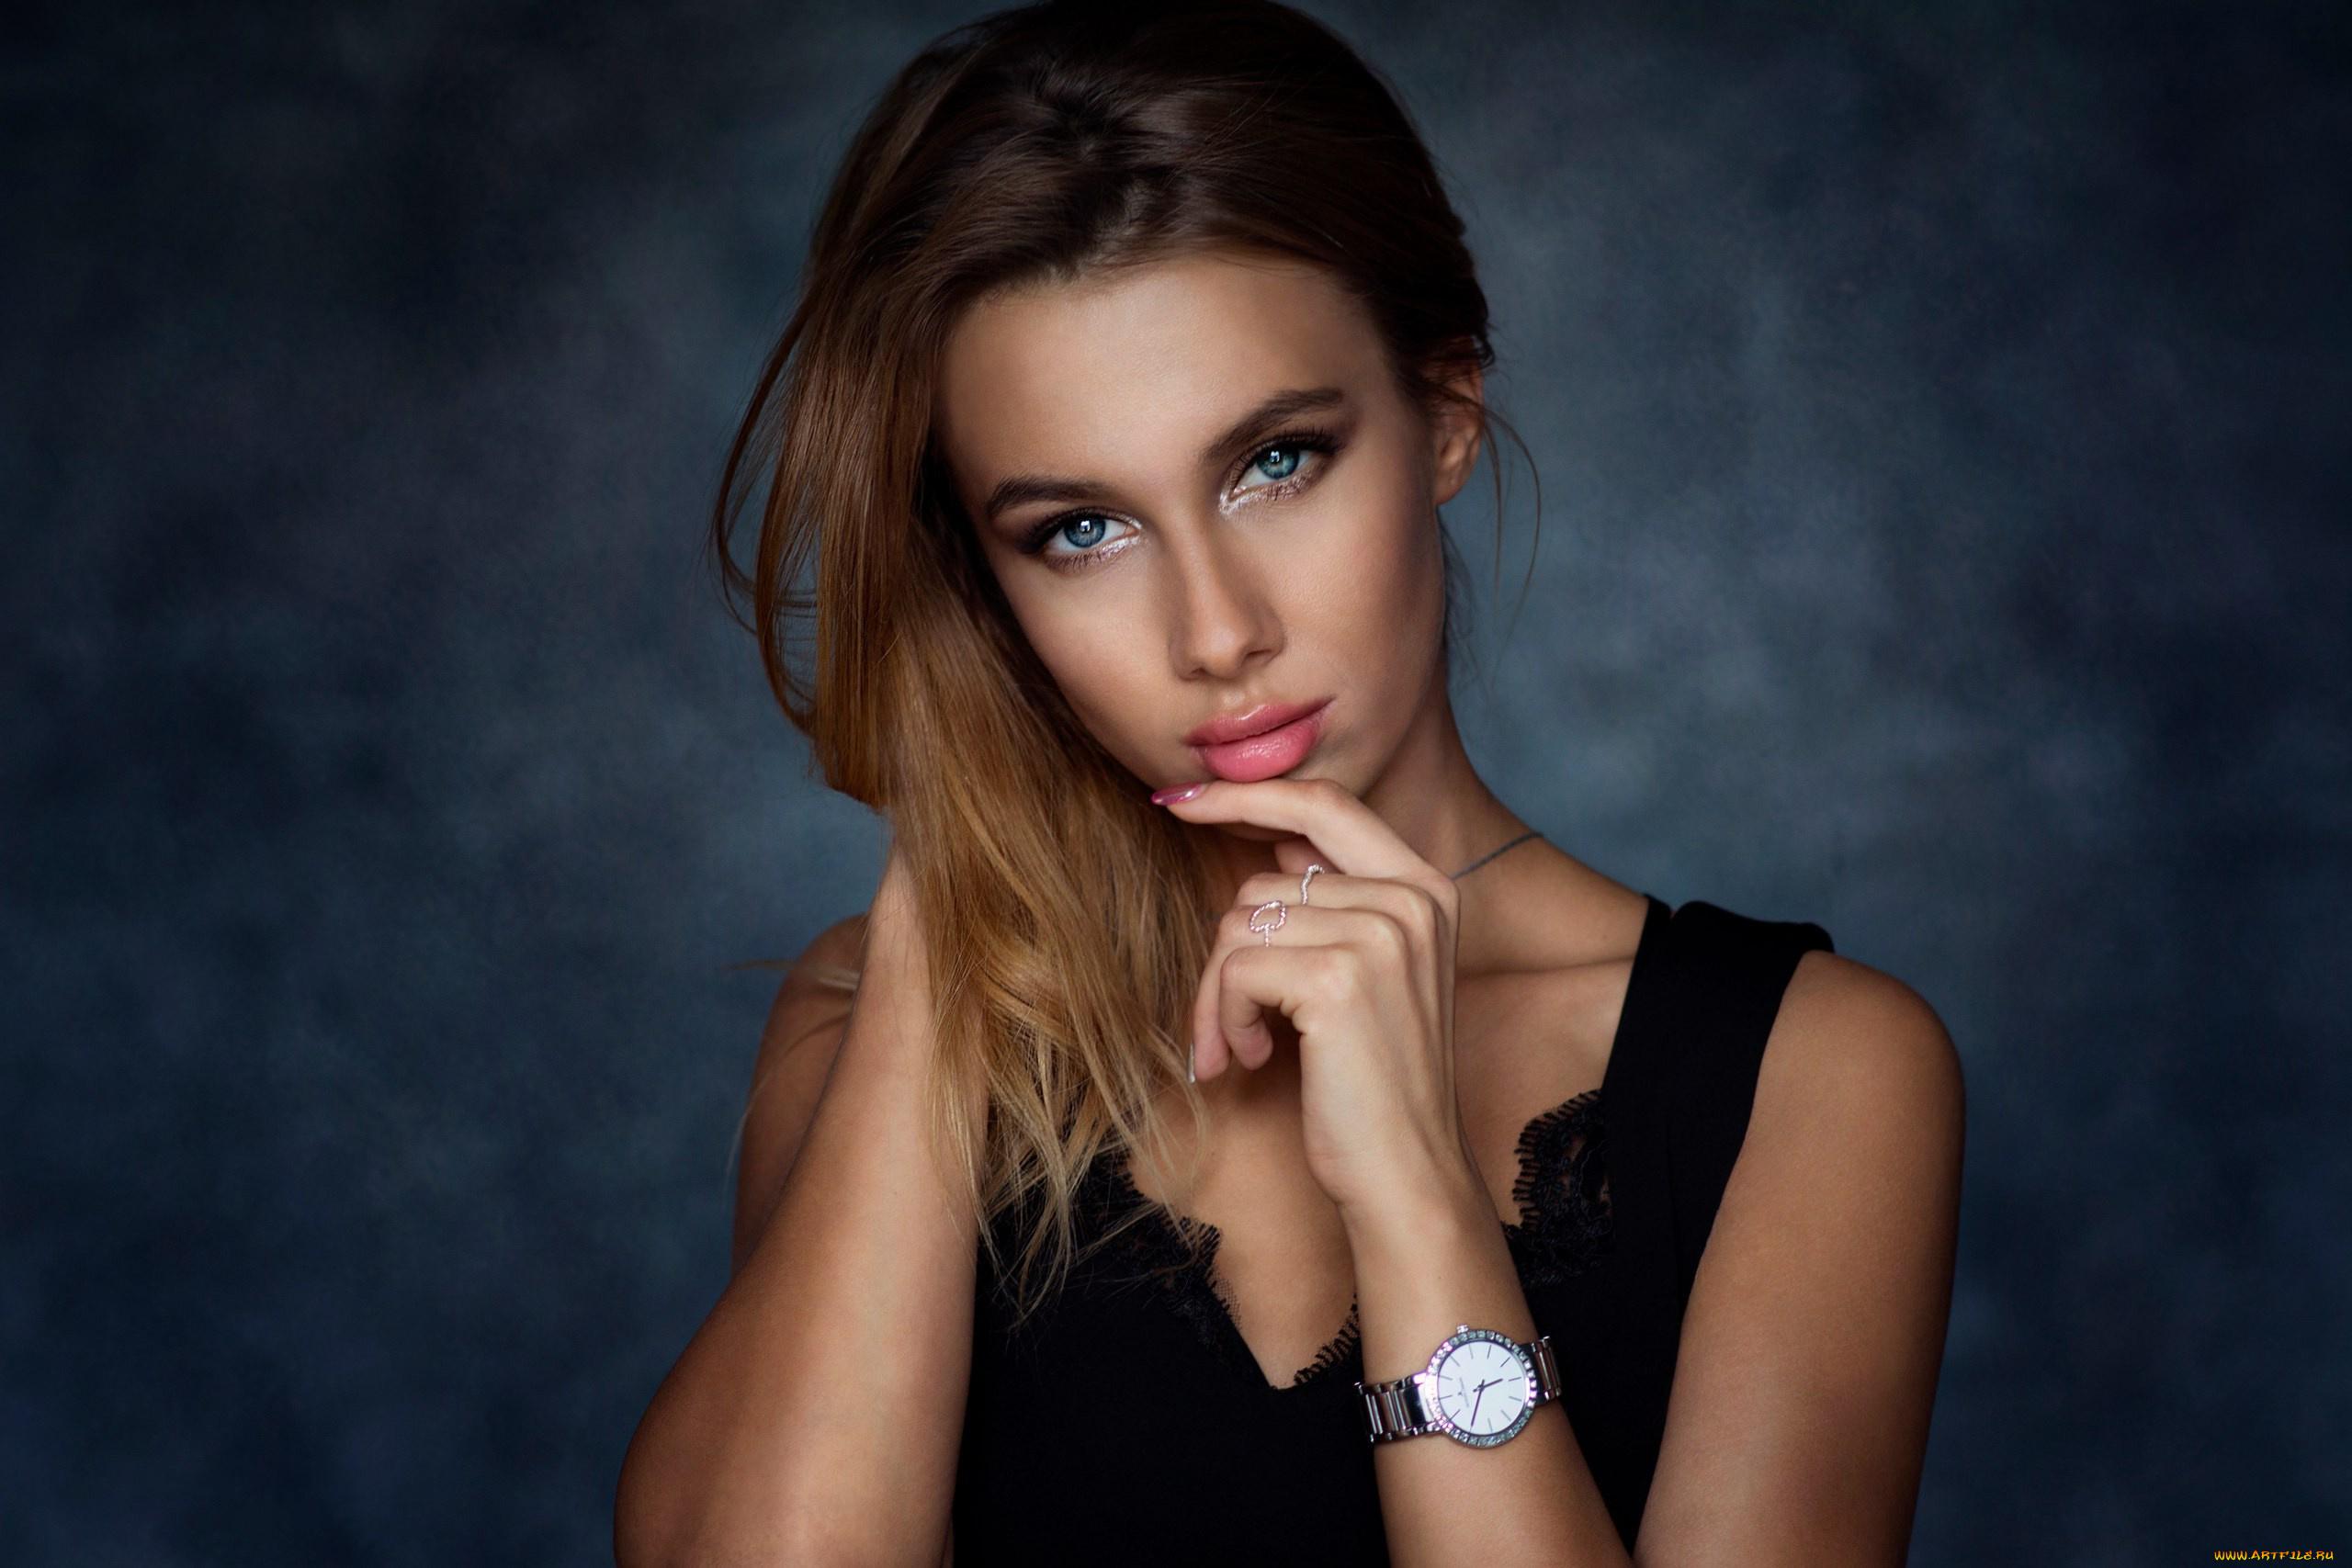 Девушка модель модель